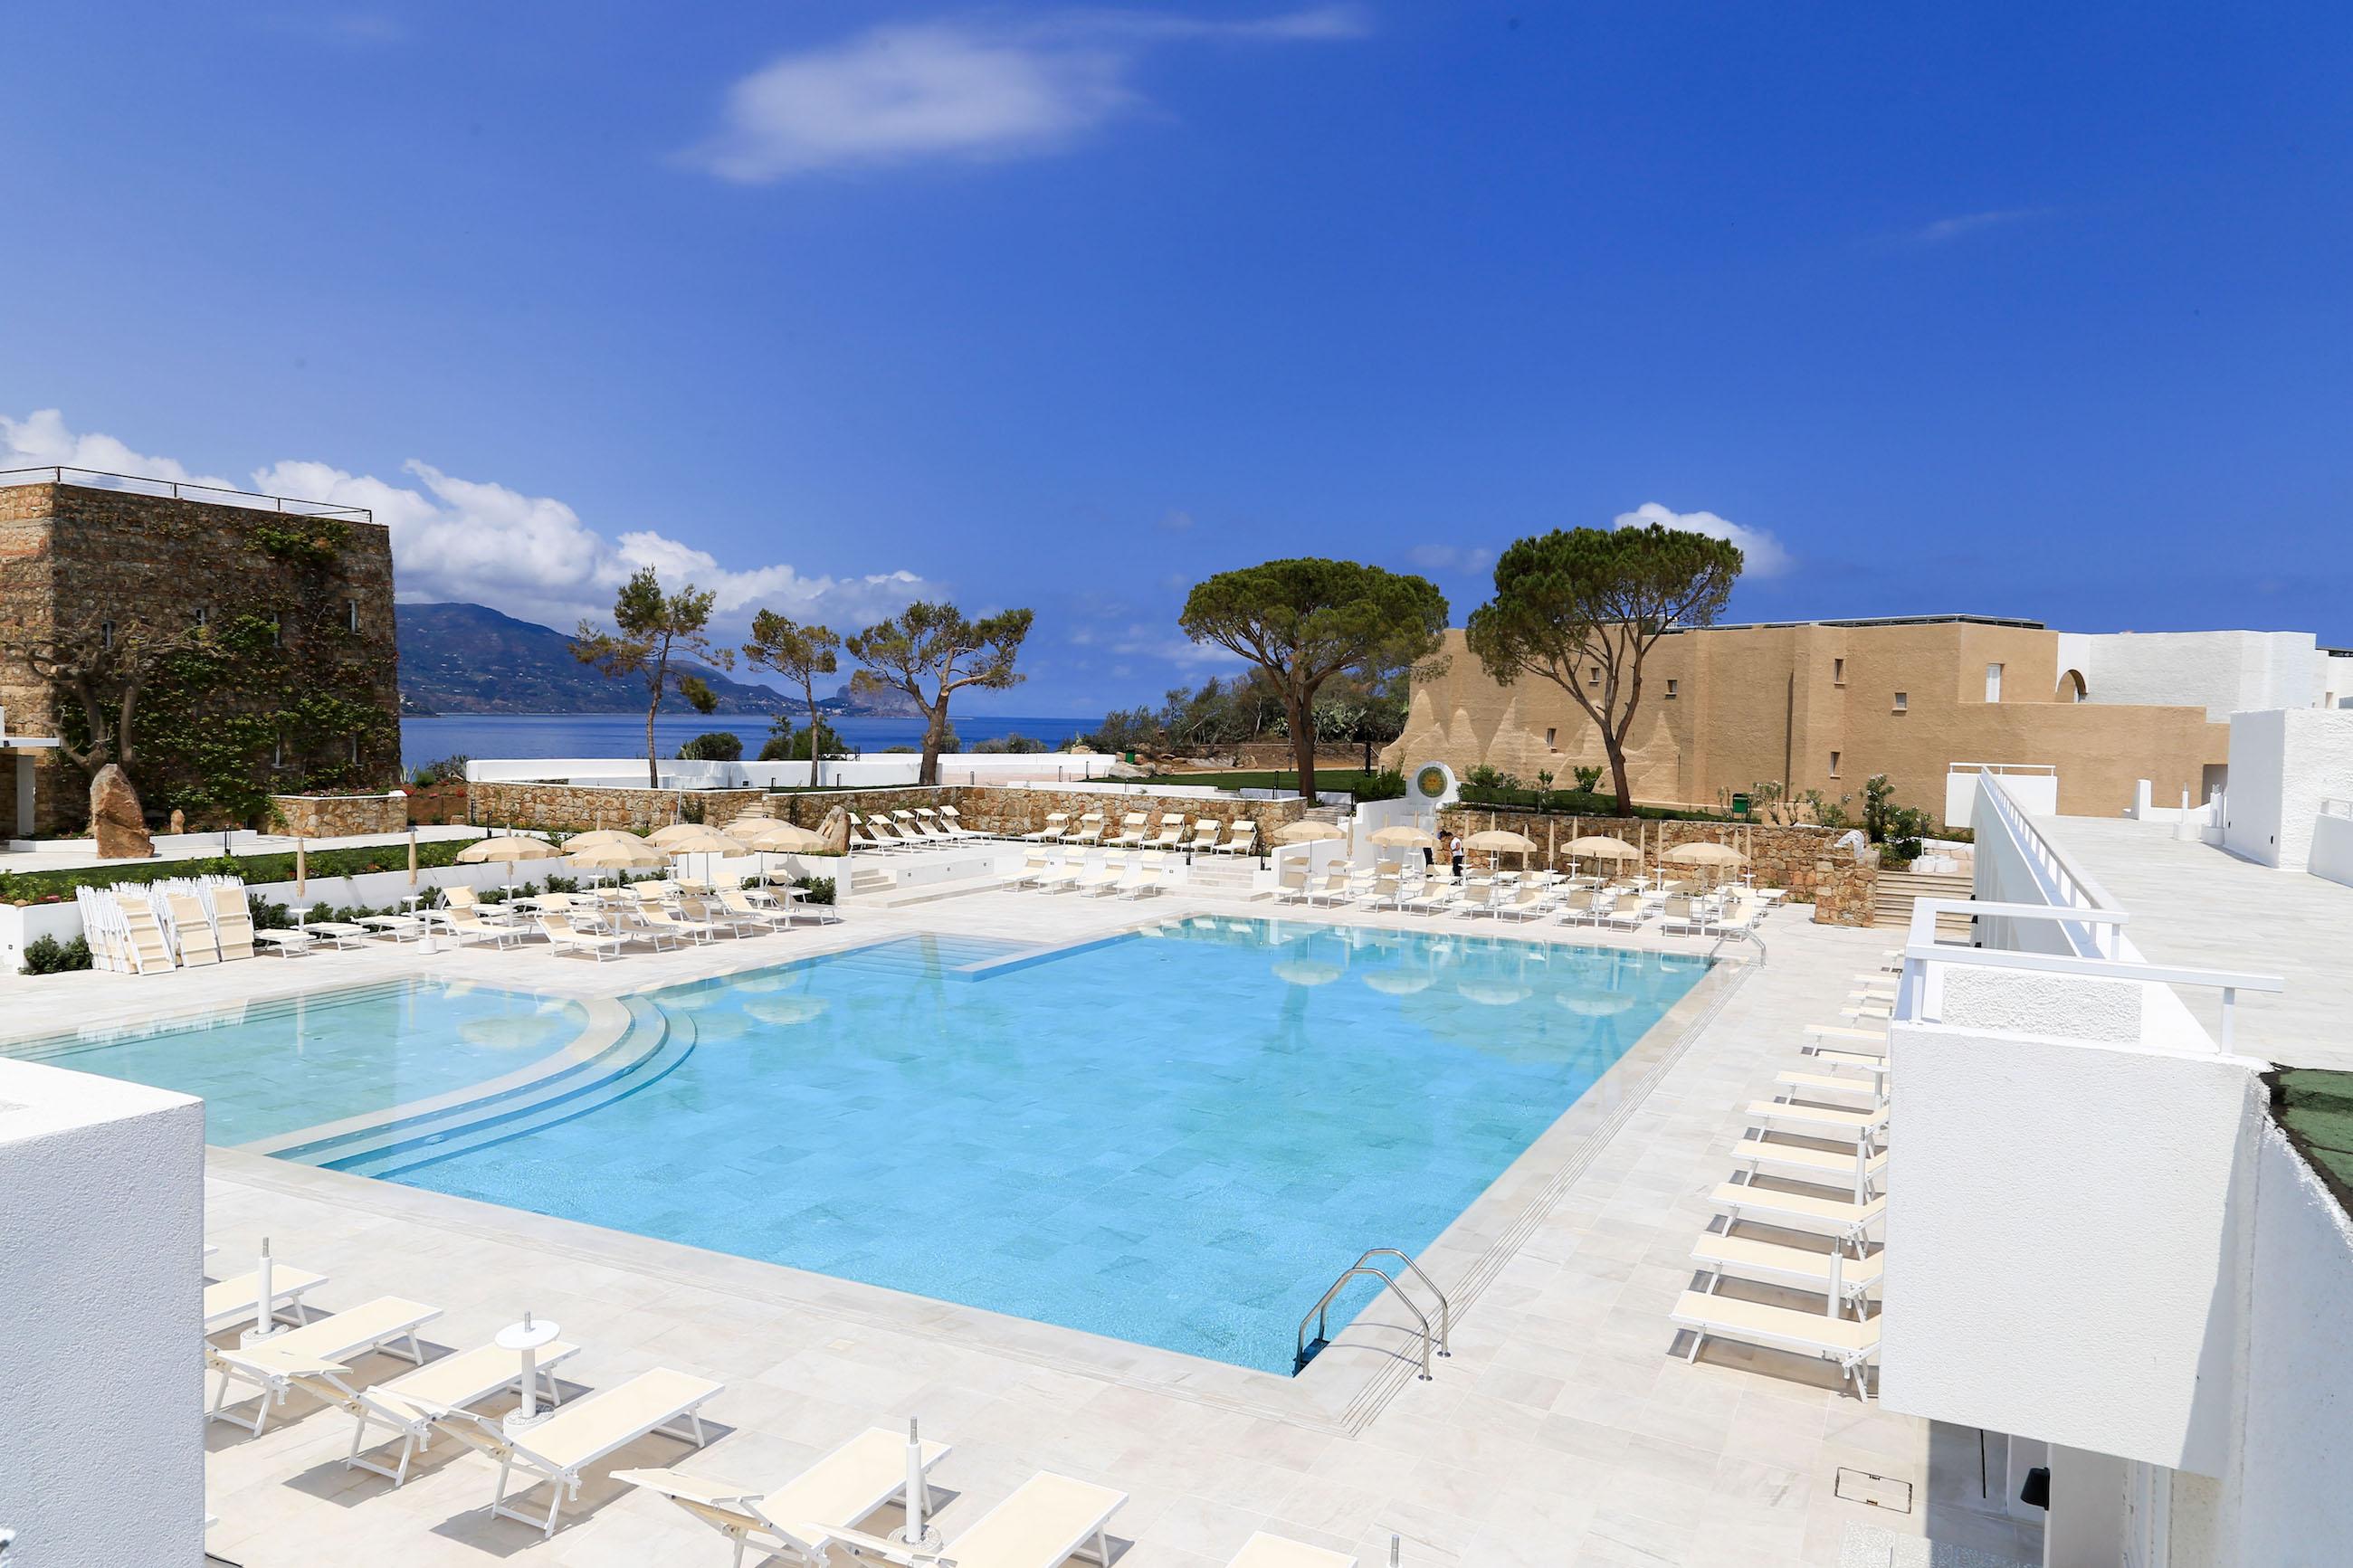 Turismo: partenza col botto per il resort Aeroviaggi di Pollina e Sciacca